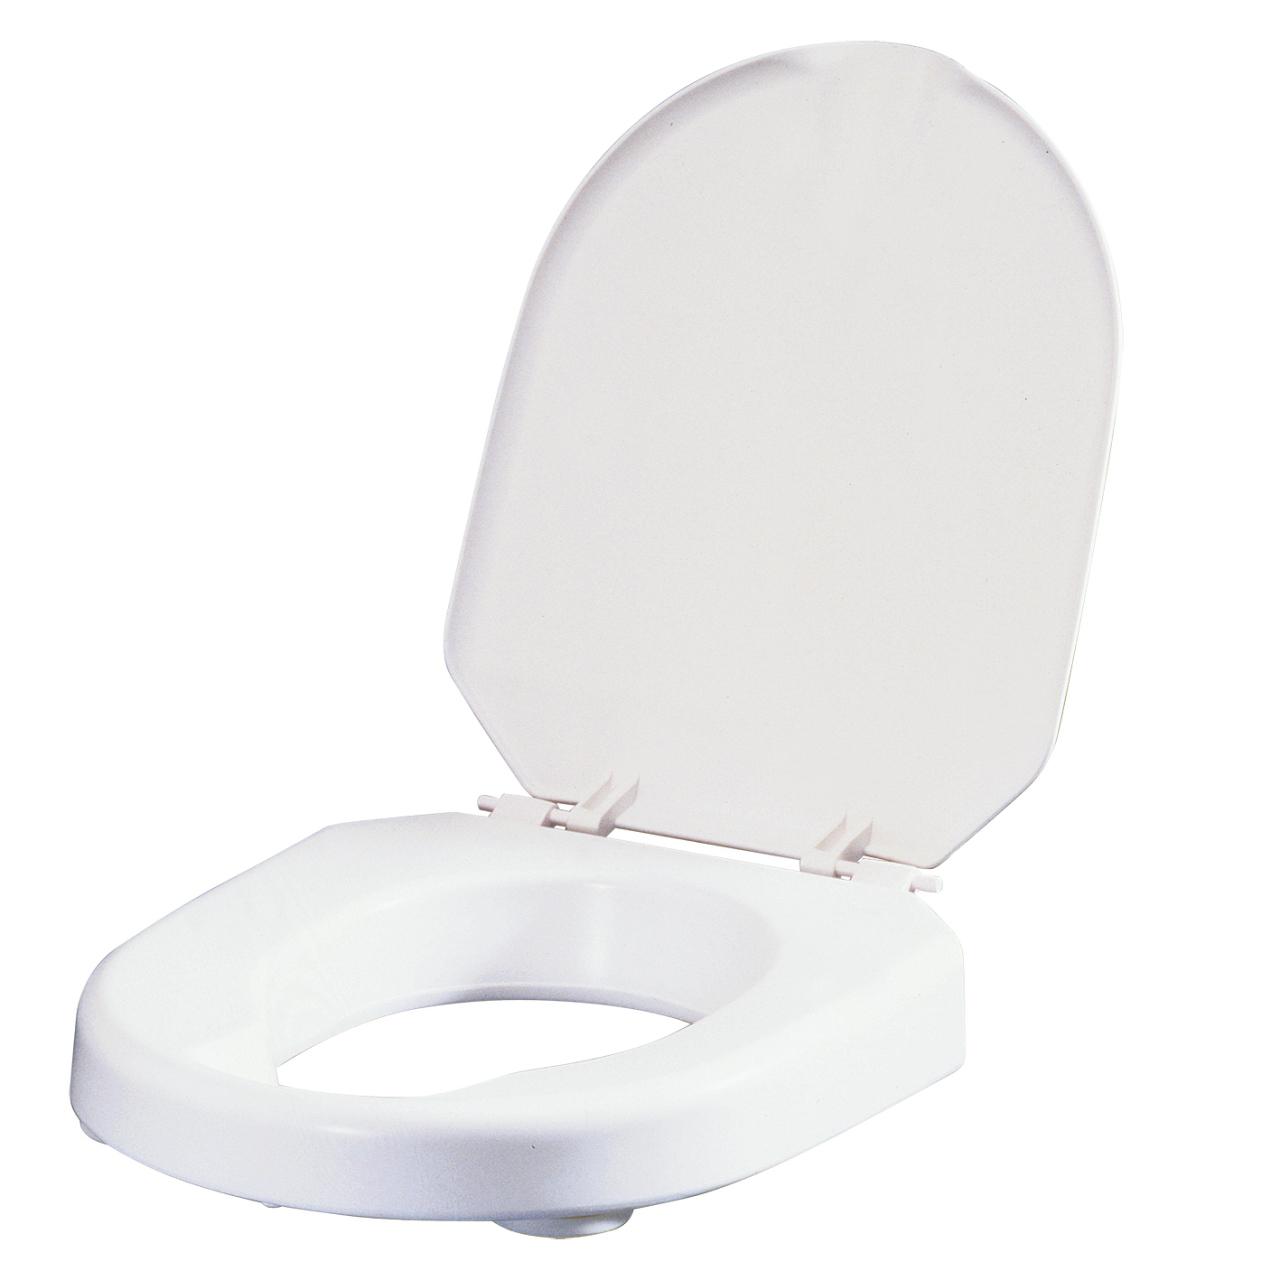 Asientos para inodoros HI-LOO ETAC. De 6 ó 10 cm. Con o sin tapa. Para facilitar acceso.